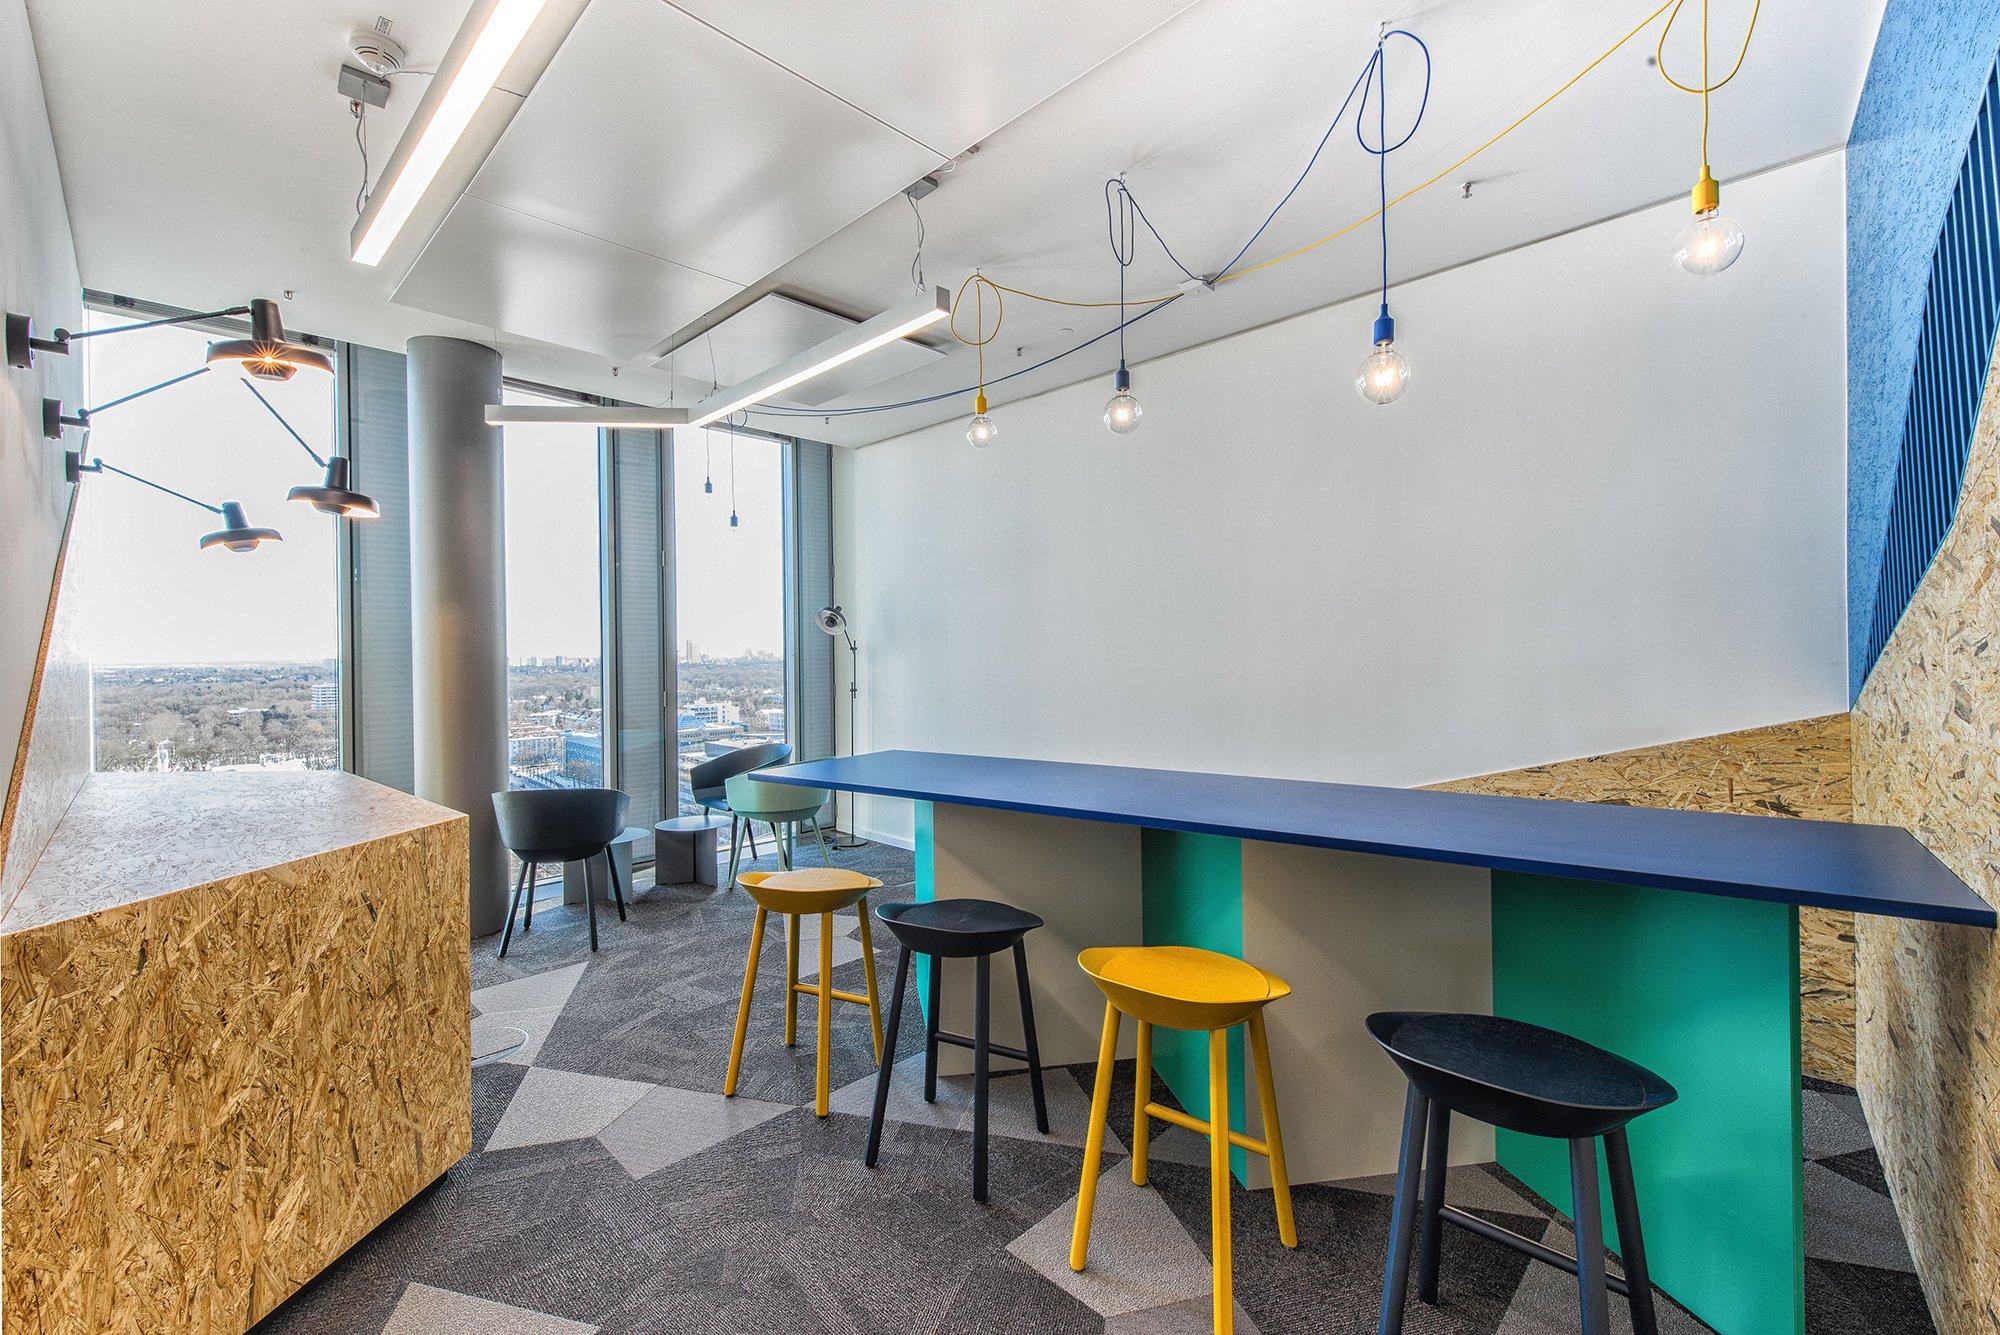 Ergebnisoffene Prozesse finden in den Büroflächen mit Werkstattanmutung des Forschungsinstituts Fortiss genügend Raum. Foto: Susanne Öllbrunner